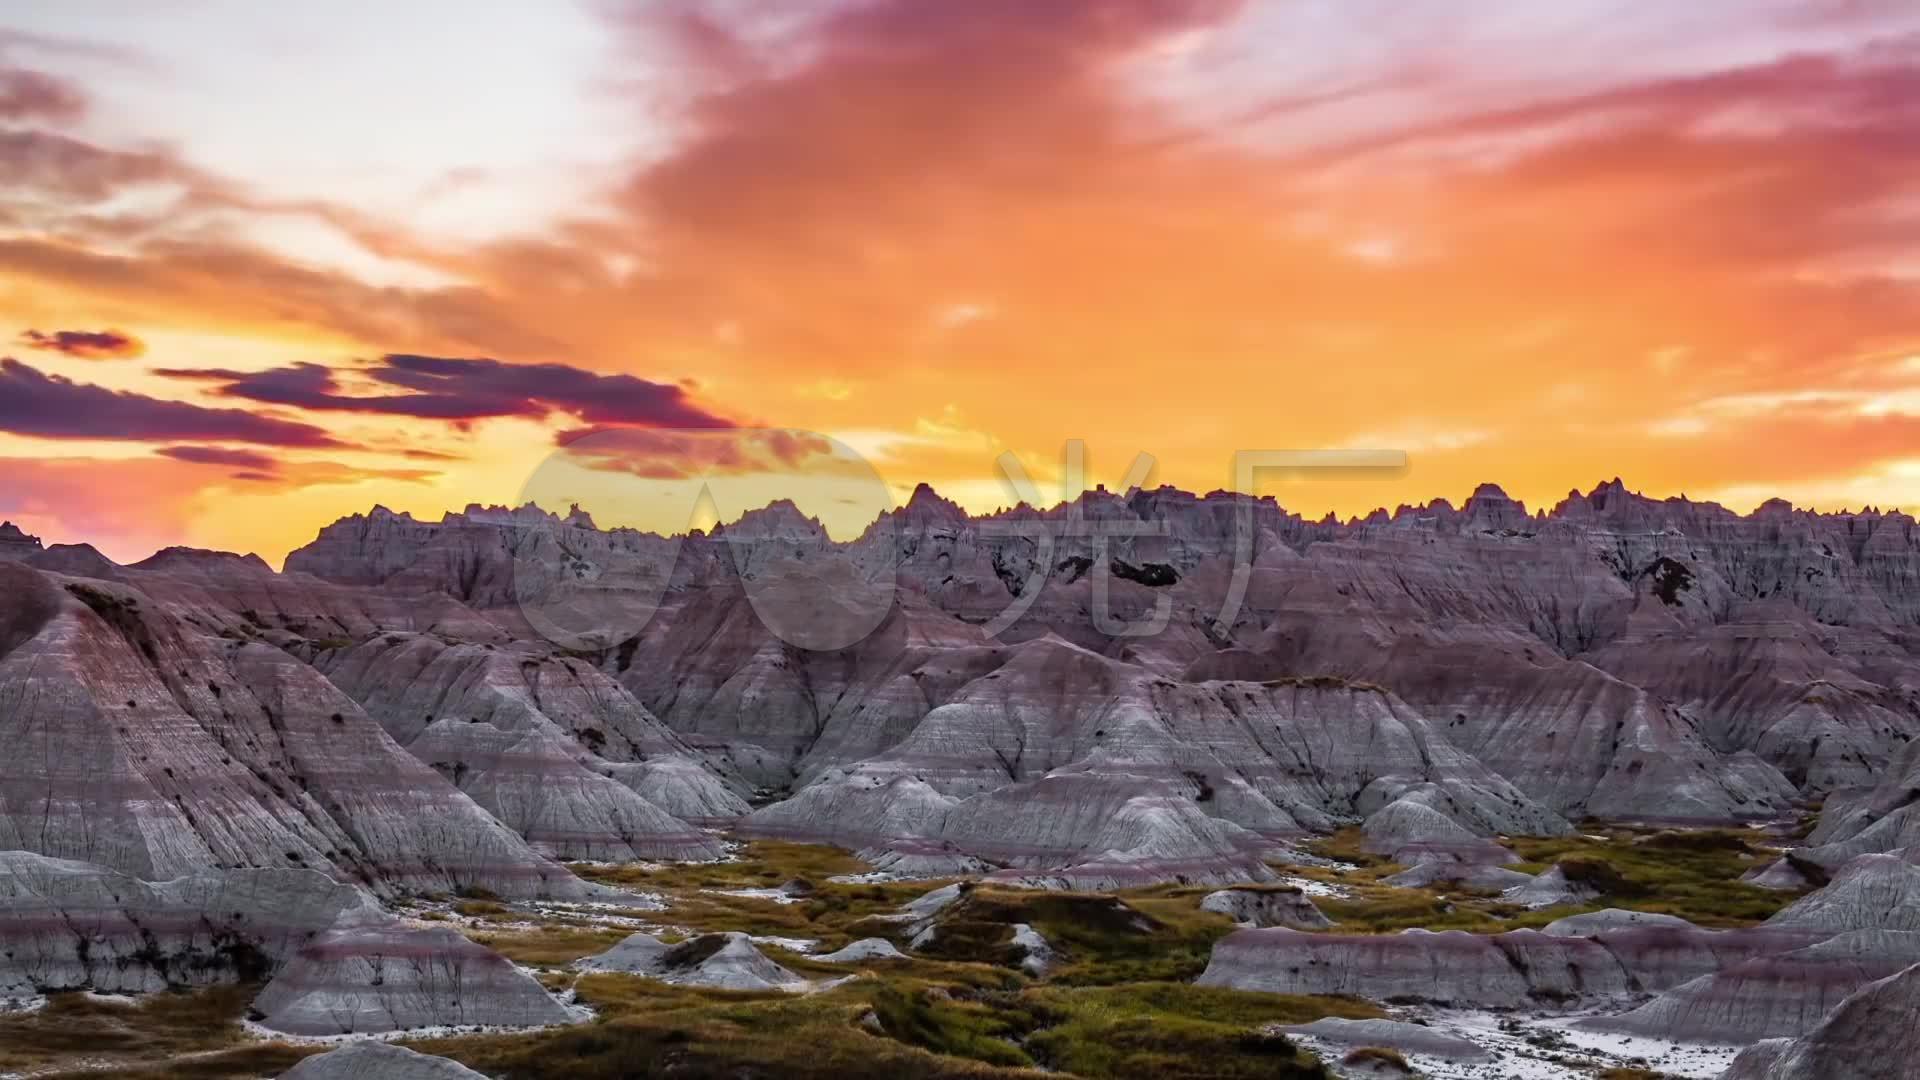 雪山风光风光视频风电场峡谷草原(延时)_1920风光石鲁图片